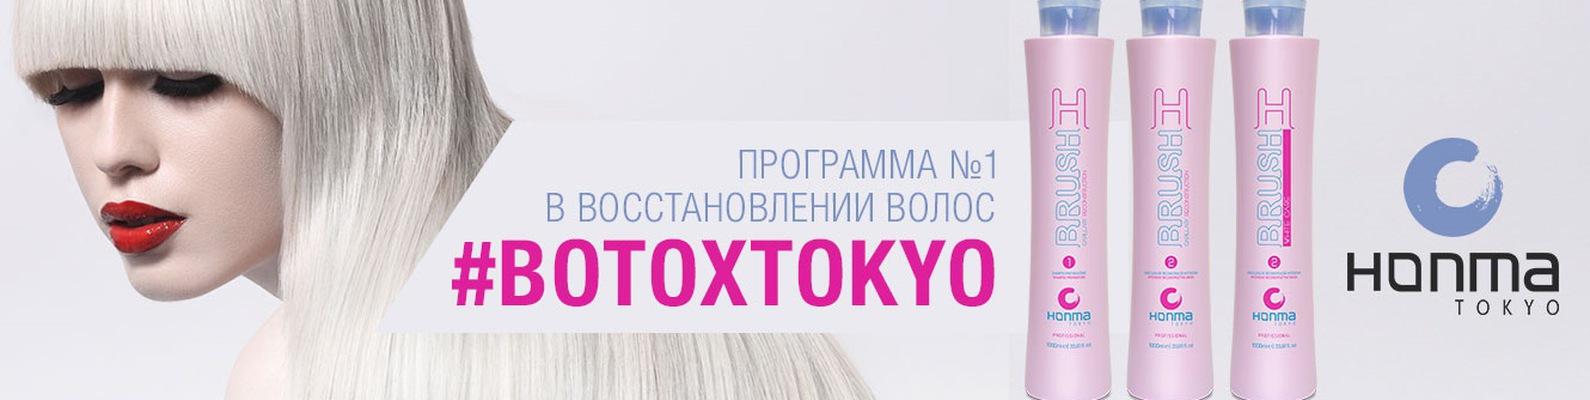 Ботокс для волос brush отзывы